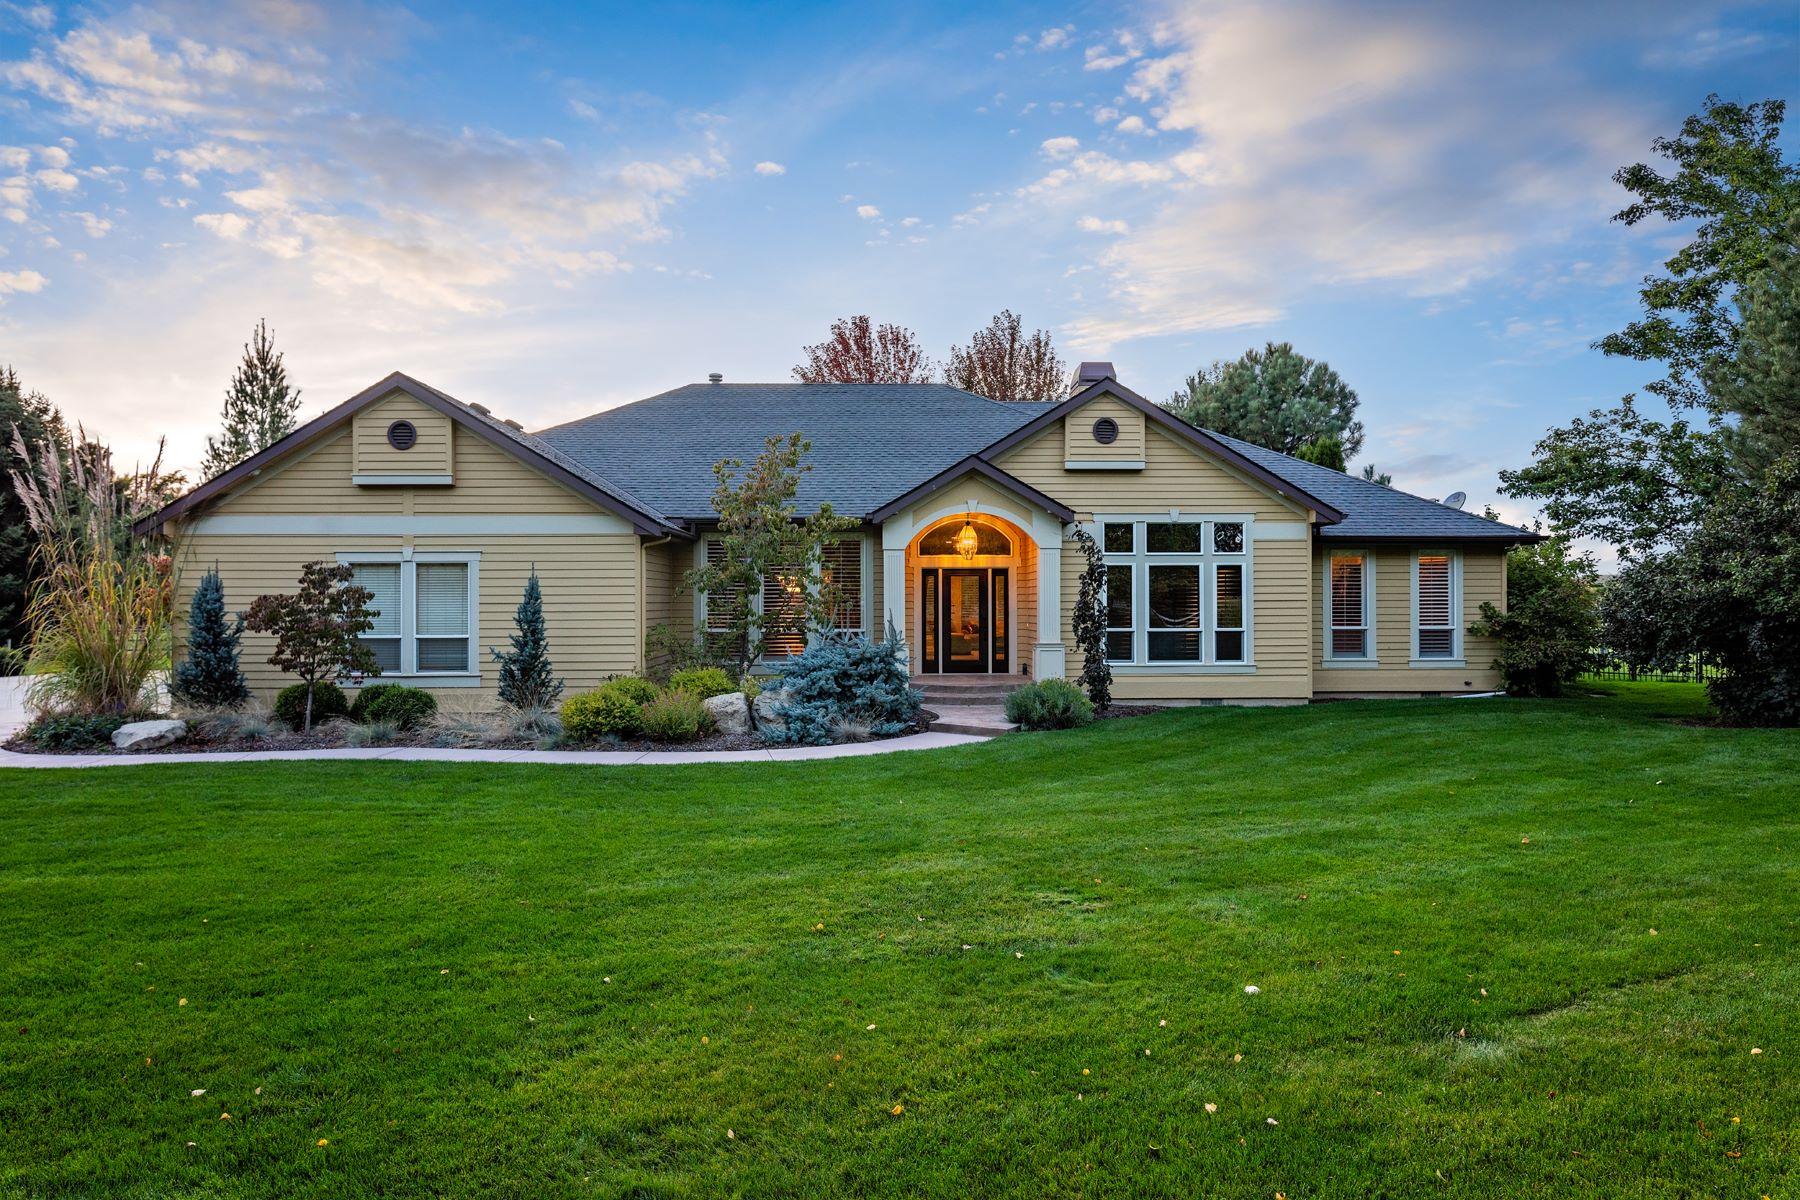 Single Family Homes pour l Vente à 3295 Croft Way, Eagle 3295 N Croft Way Eagle, Idaho 83616 États-Unis